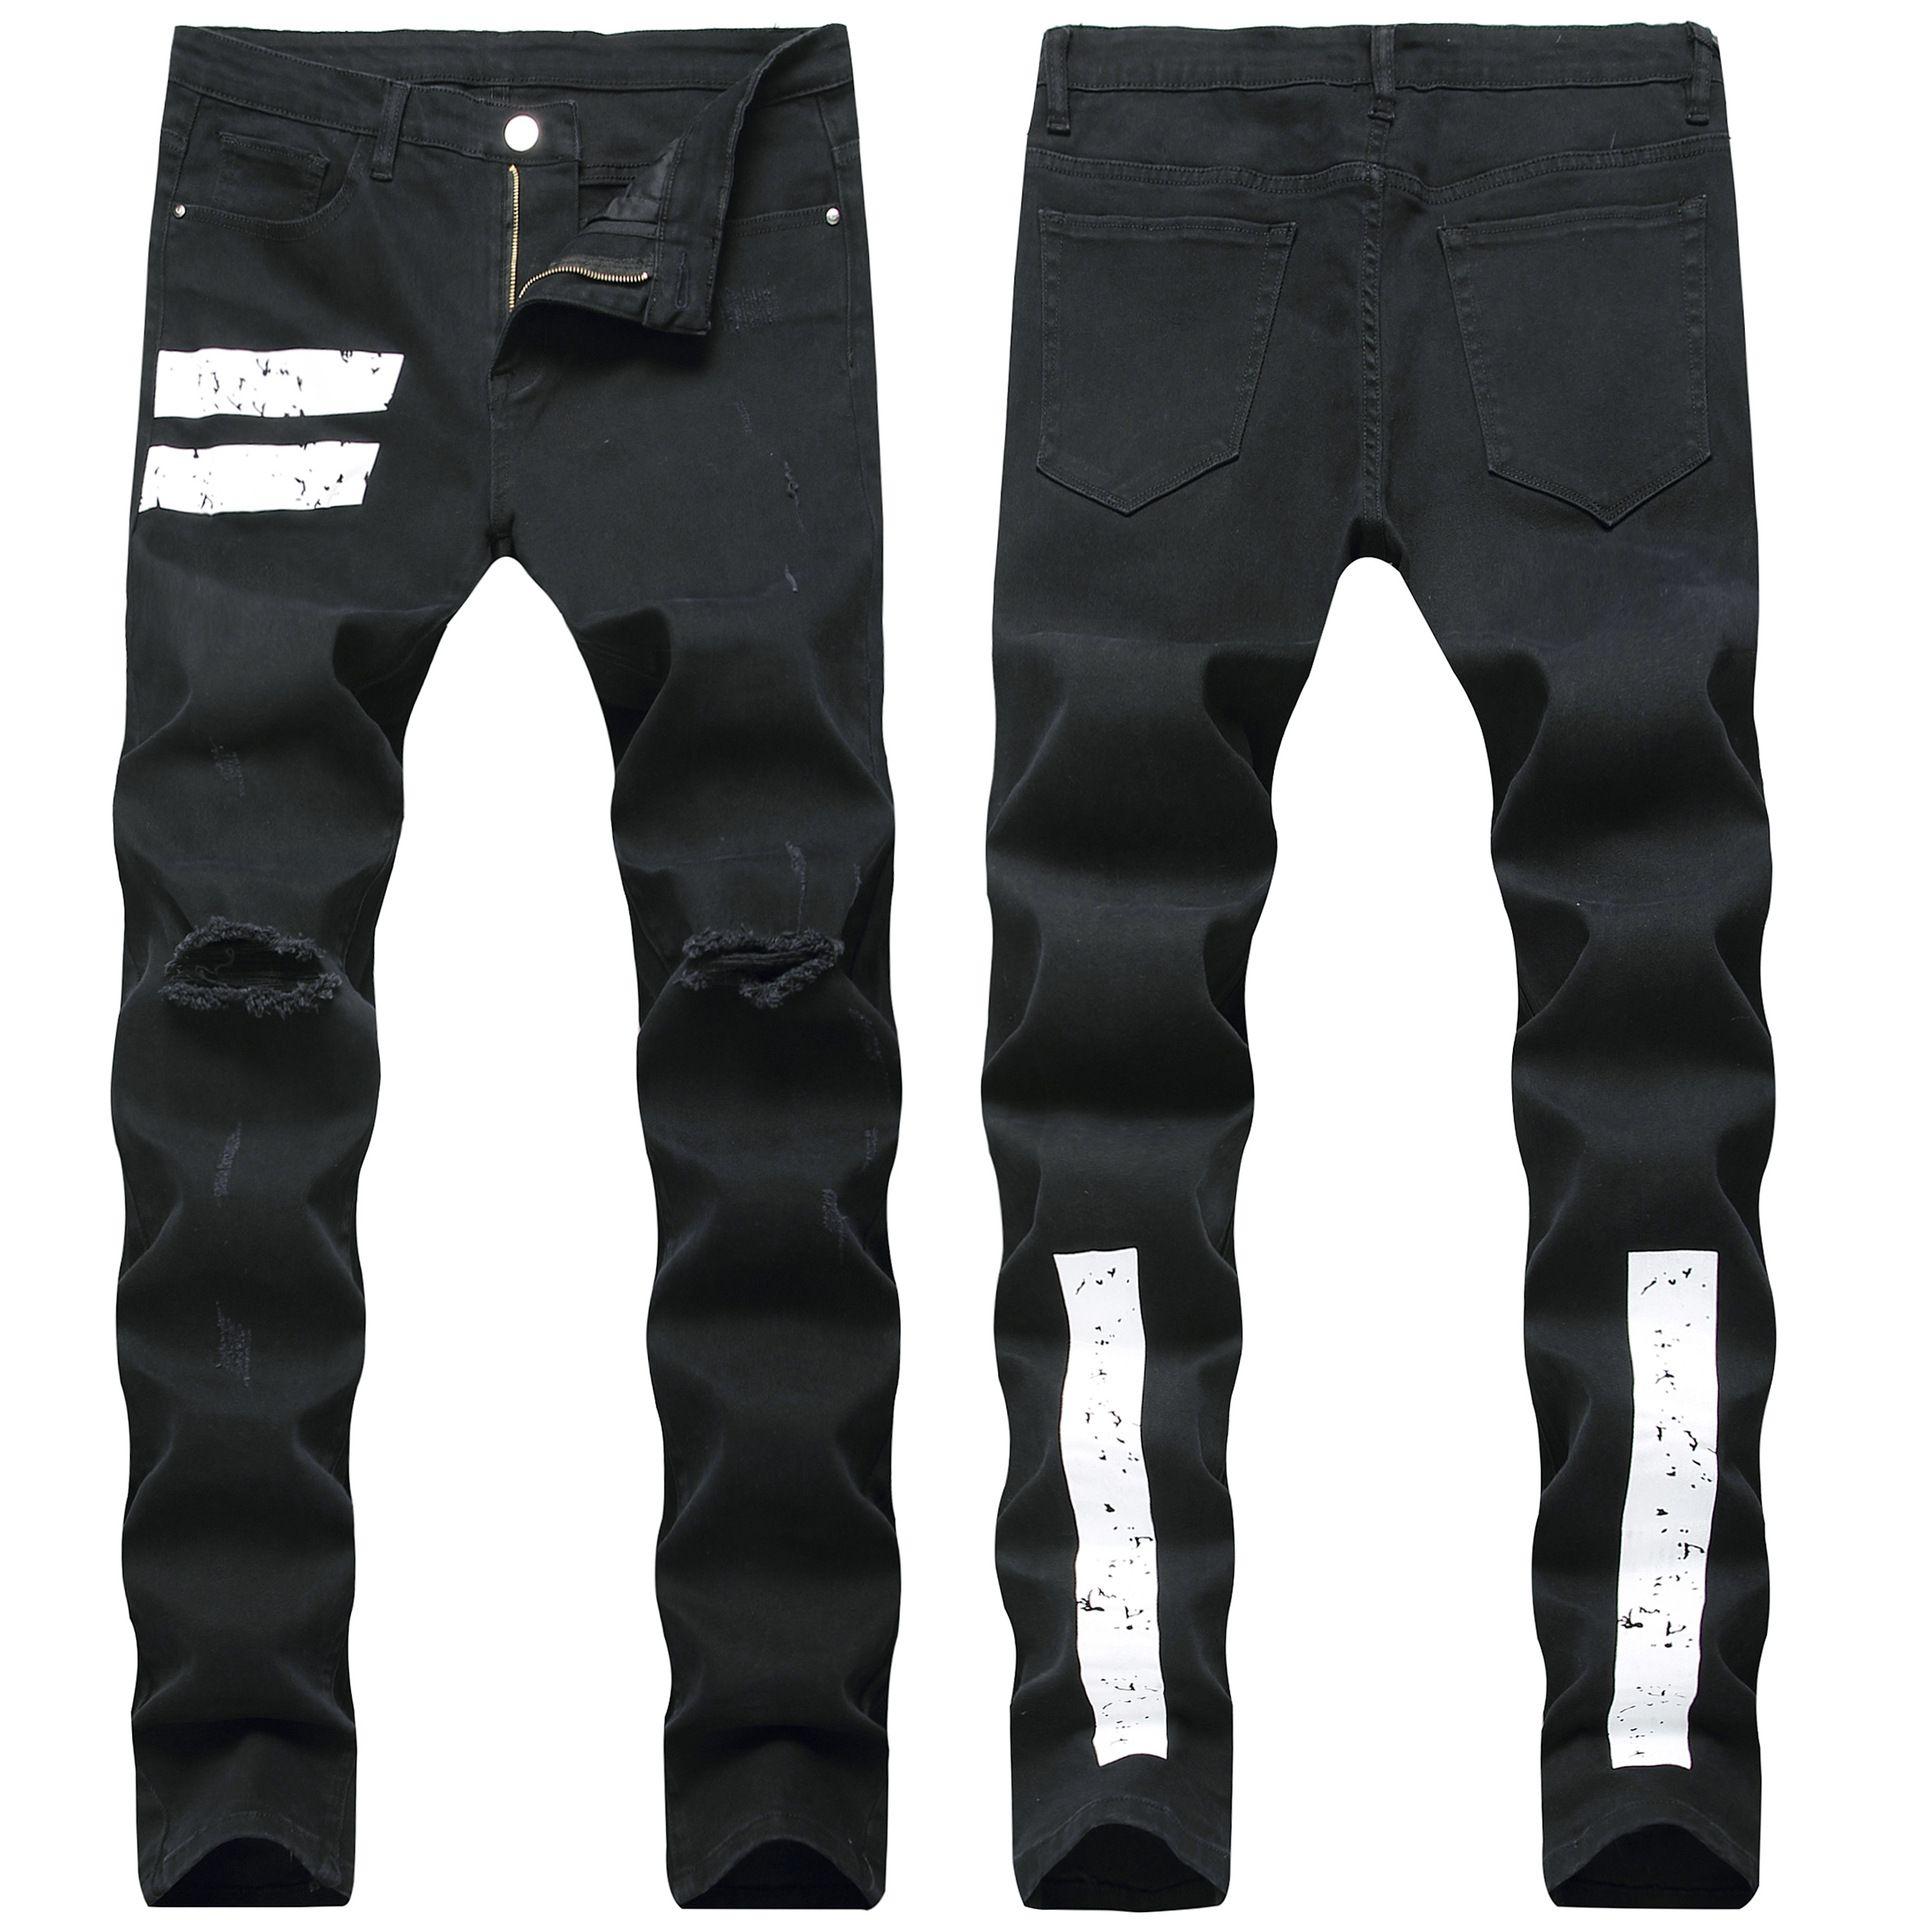 Sıska Erkek Kot Serin Erkekler Sıkıntılı Yırtık Kot Streç Slim Fit Denim Biker Jeans Hip Hop Erkekler Streetwear 1333 #